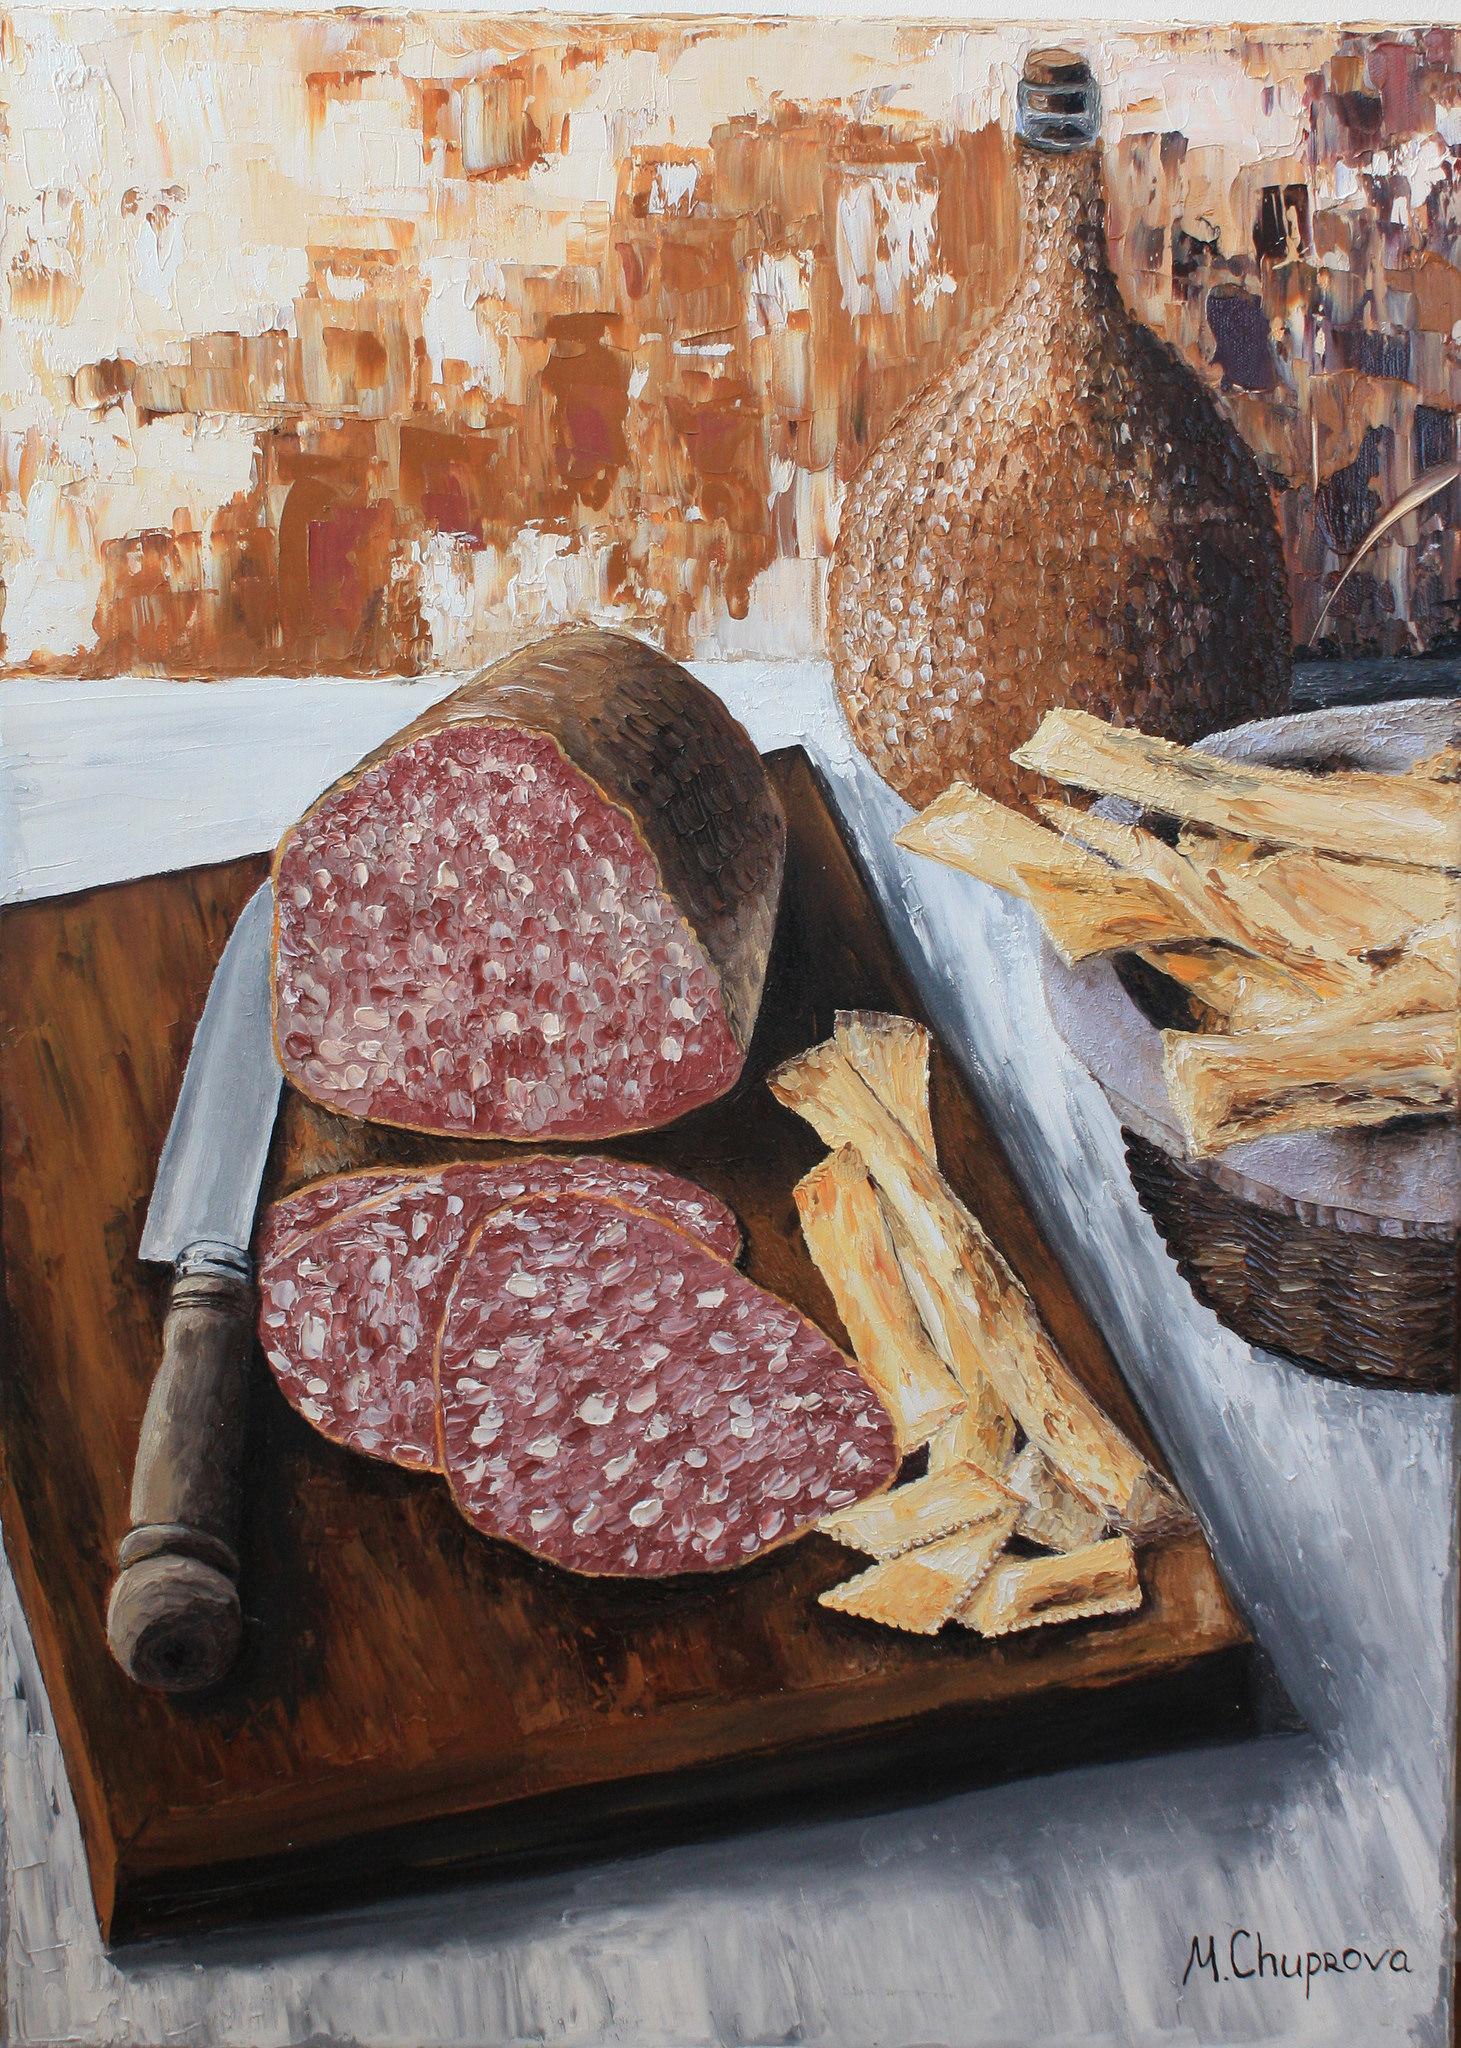 MargaritaCruzArt-Oil_painting-Still_life-ham-wine1.jpg